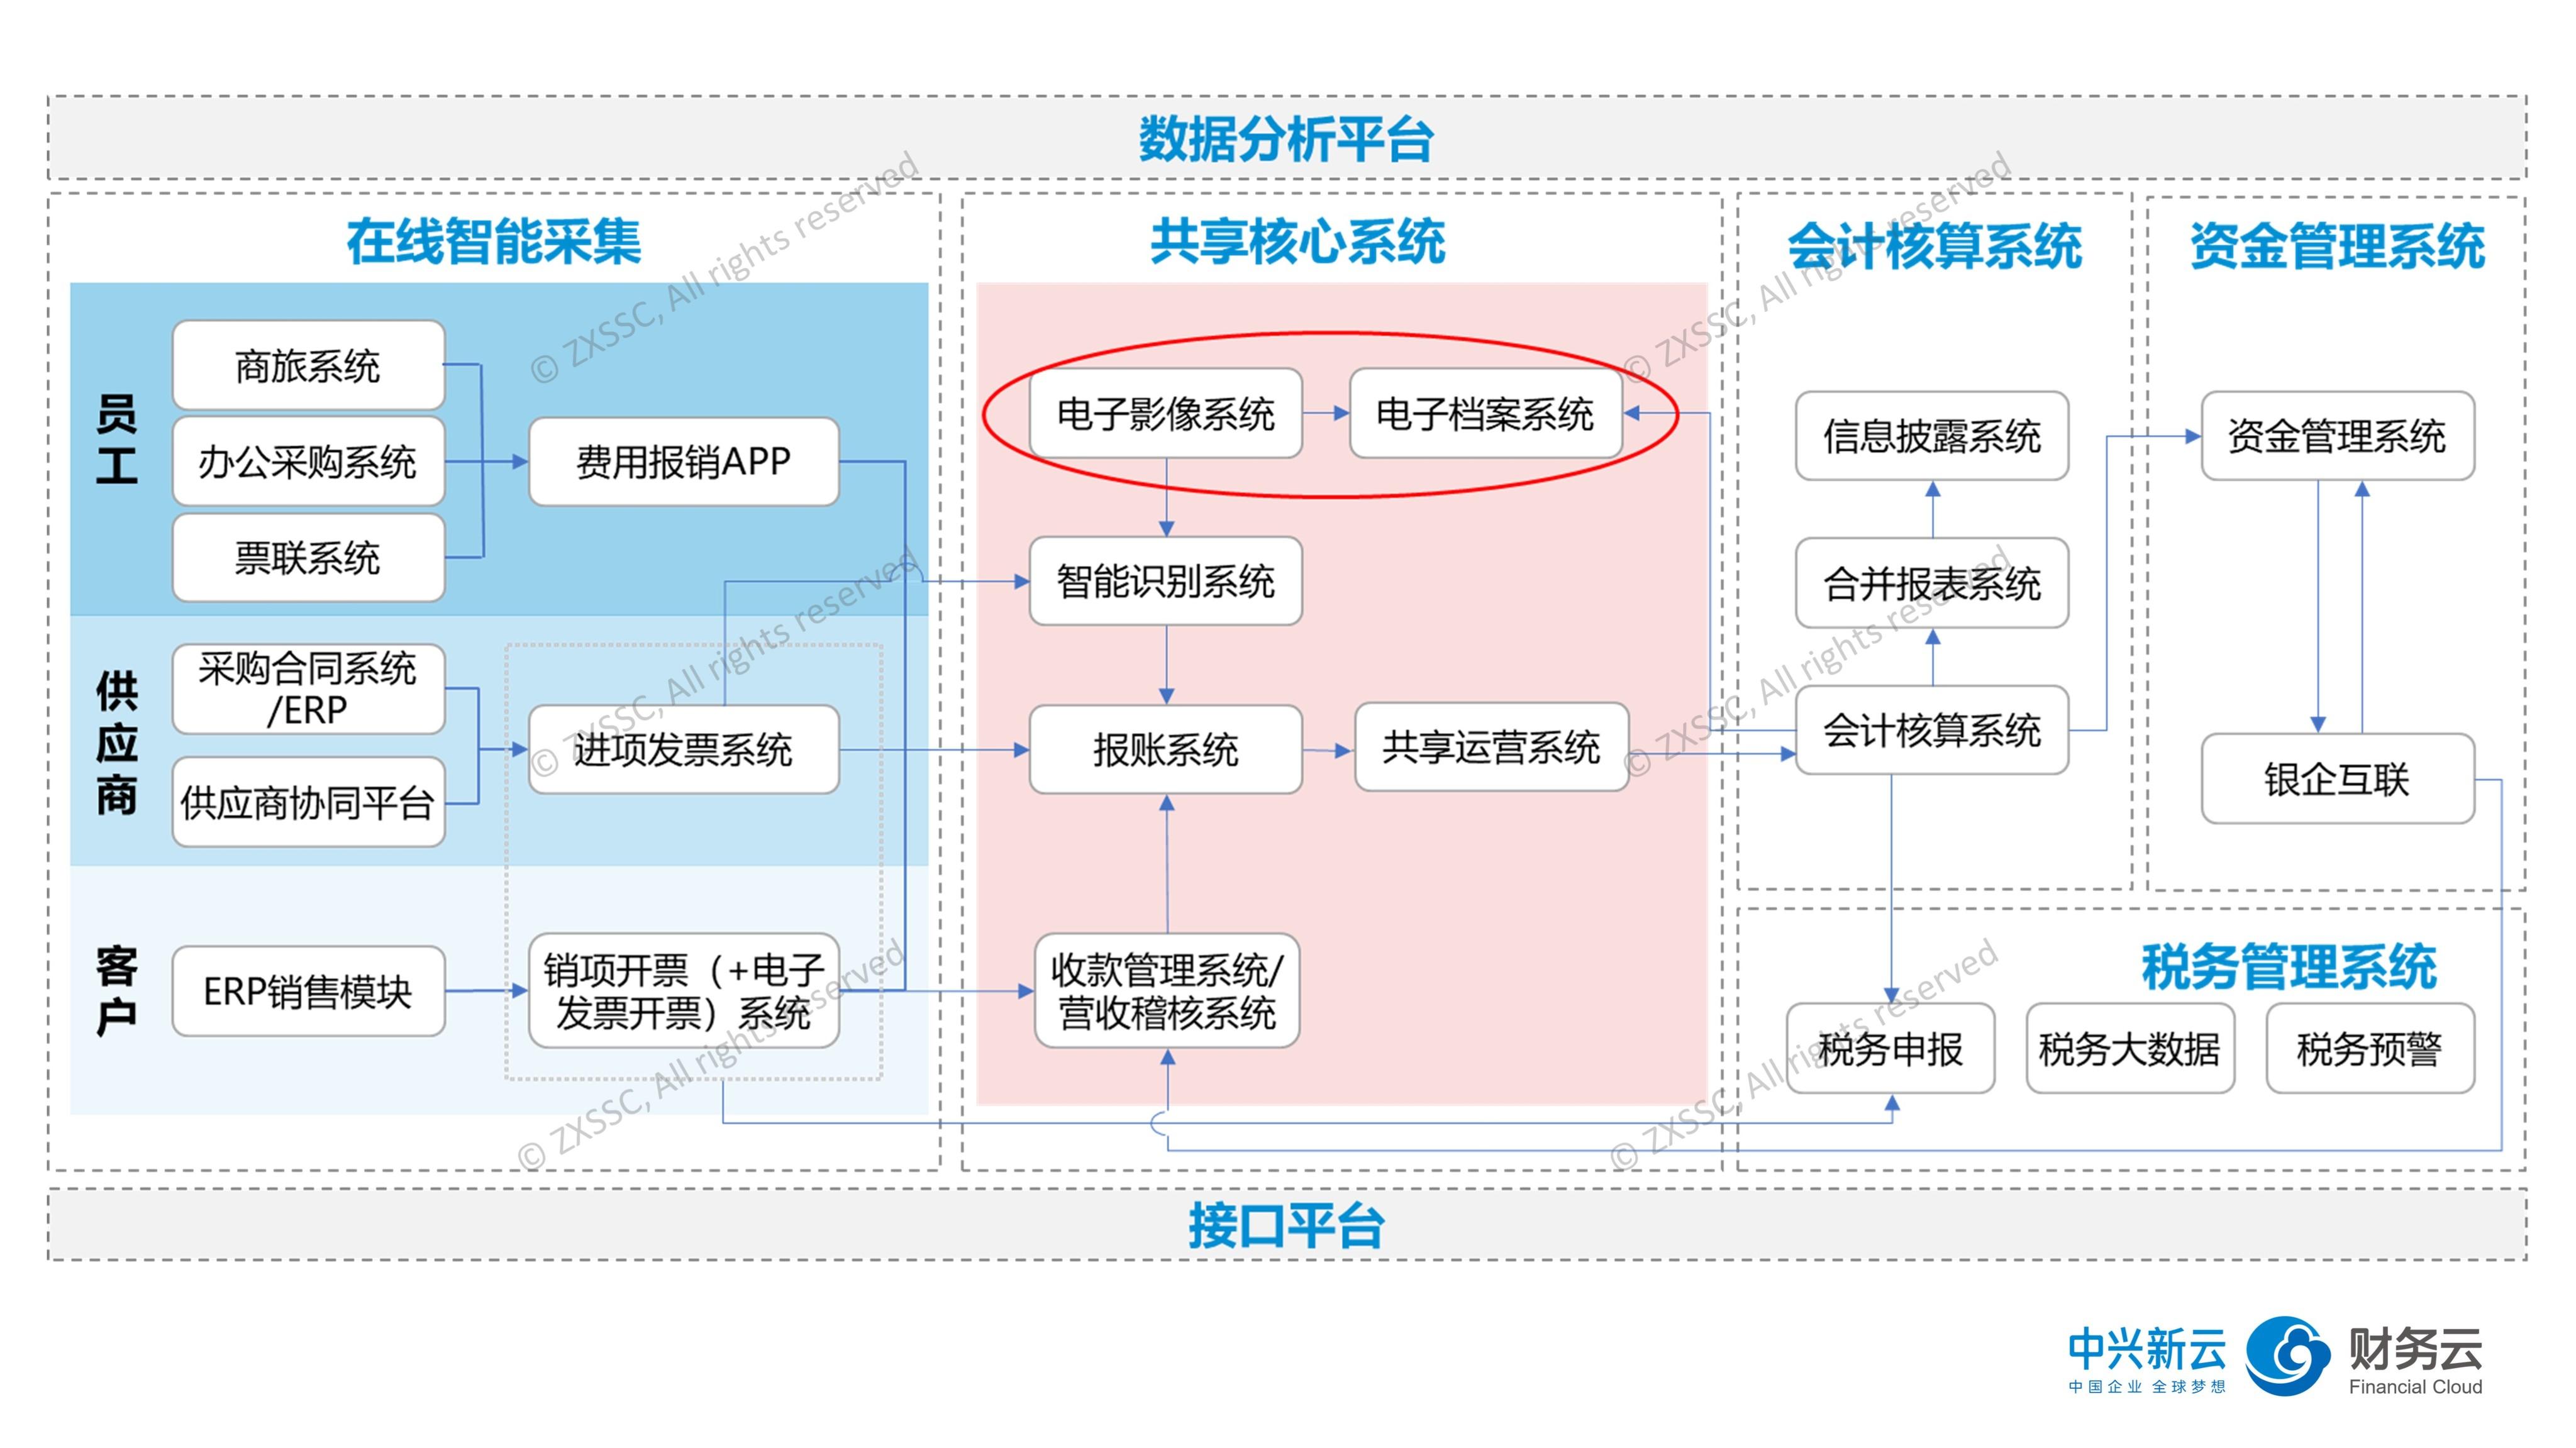 07 系统架构.jpg